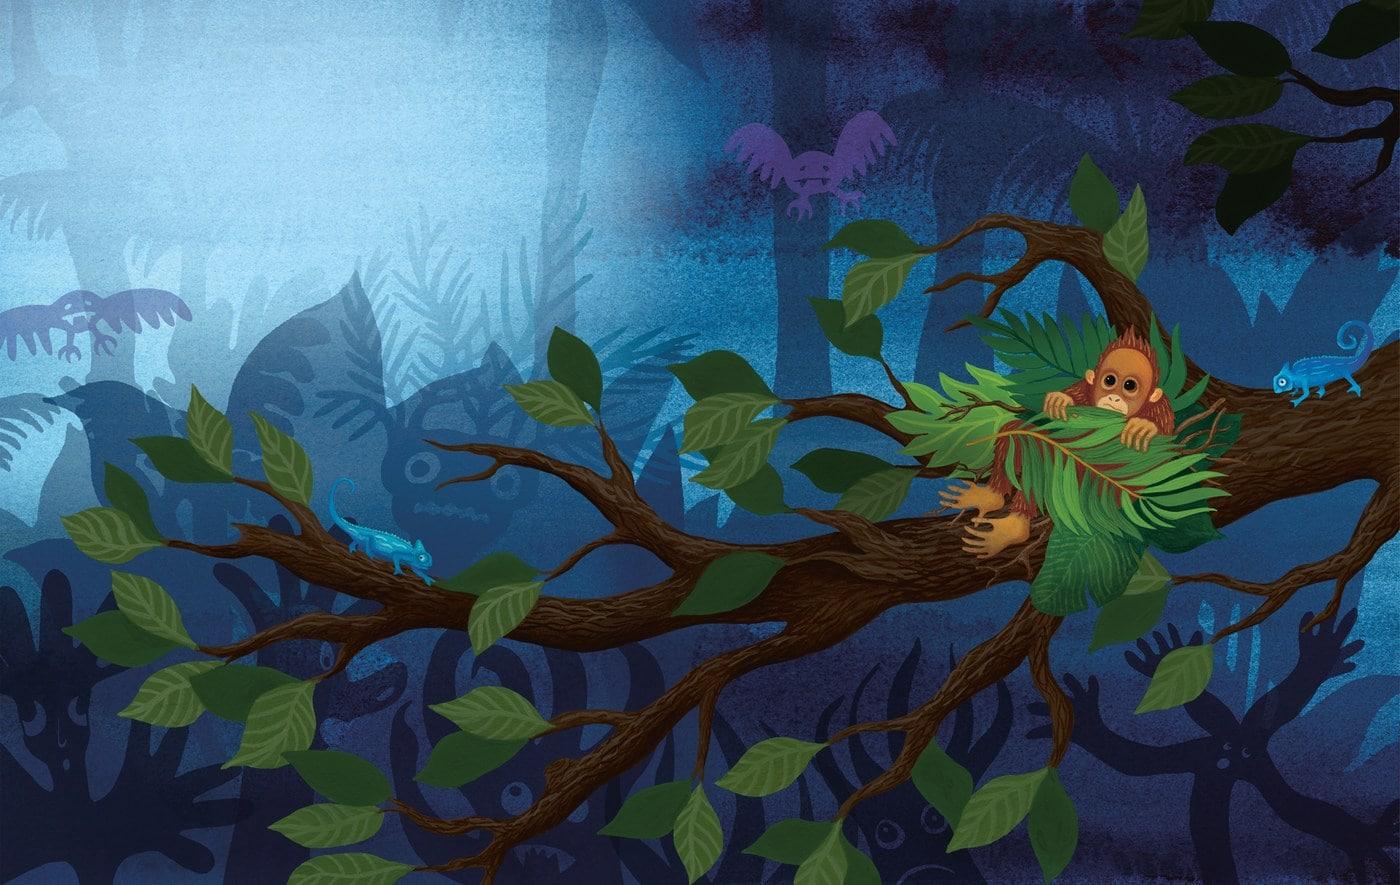 Illustration colorée présentant un bébé orang-outan qui se cache dans un arbre la nuit venue.